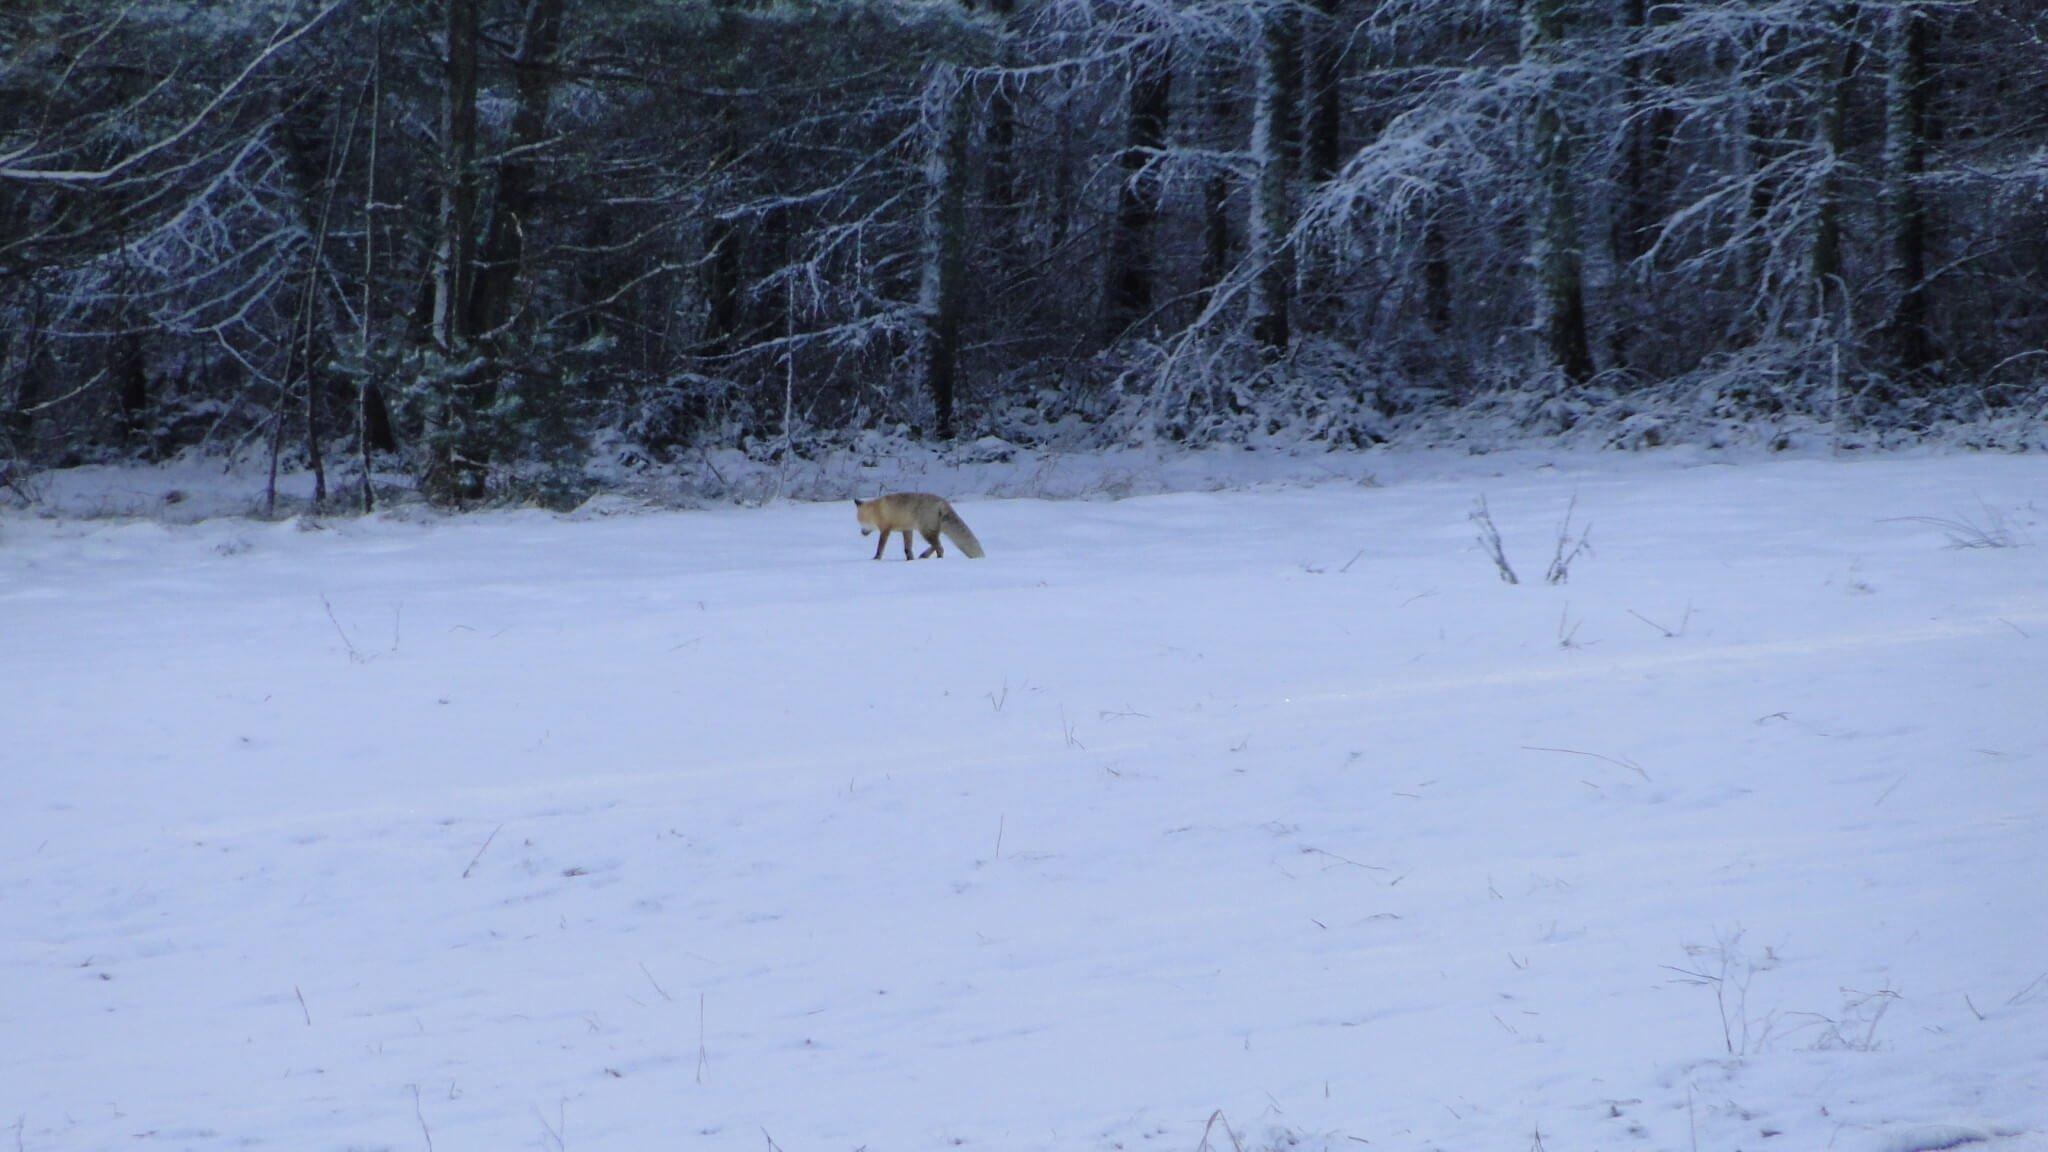 Zimowe tropienie zwierząt 6